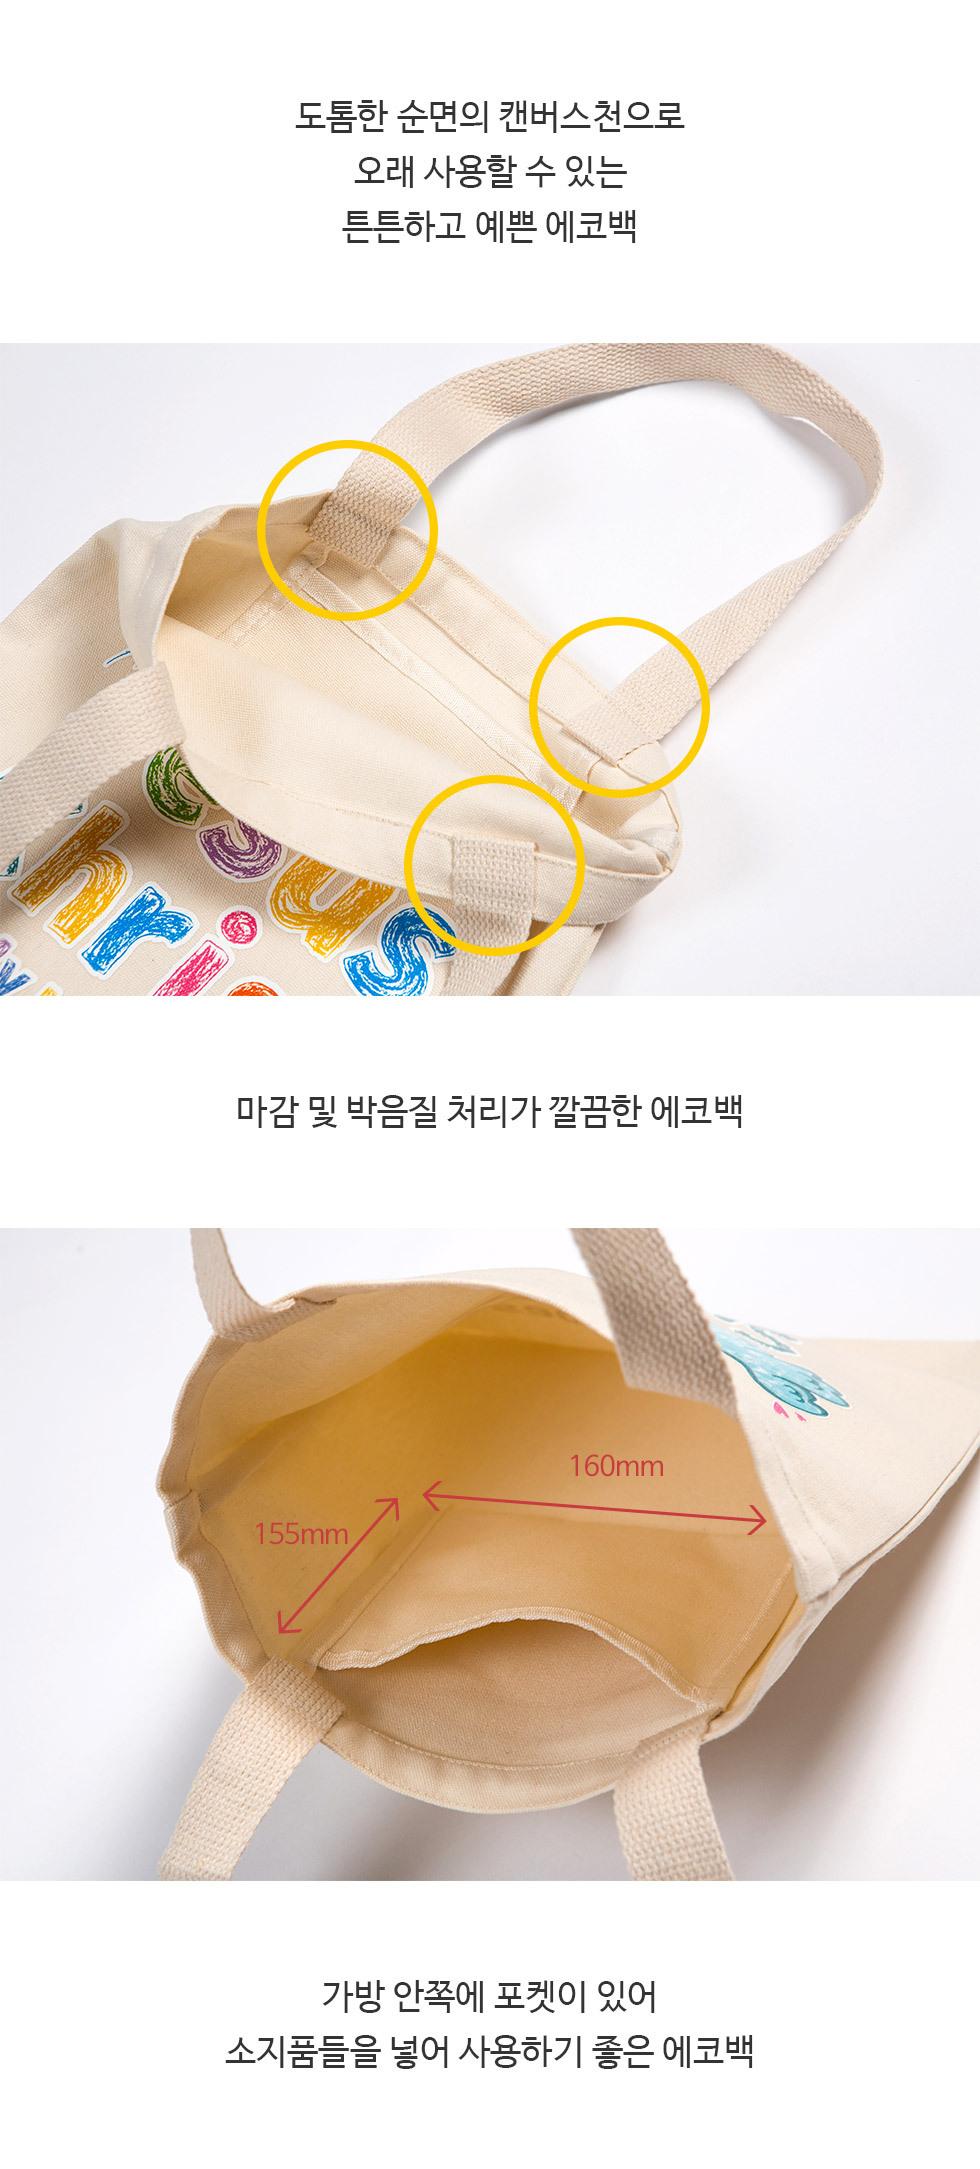 new 메시지 에코백 7종 (2021 신규 디자인) 도톰한 캔버스천, 깔끔한 마감, 내부 포켓(주머니)